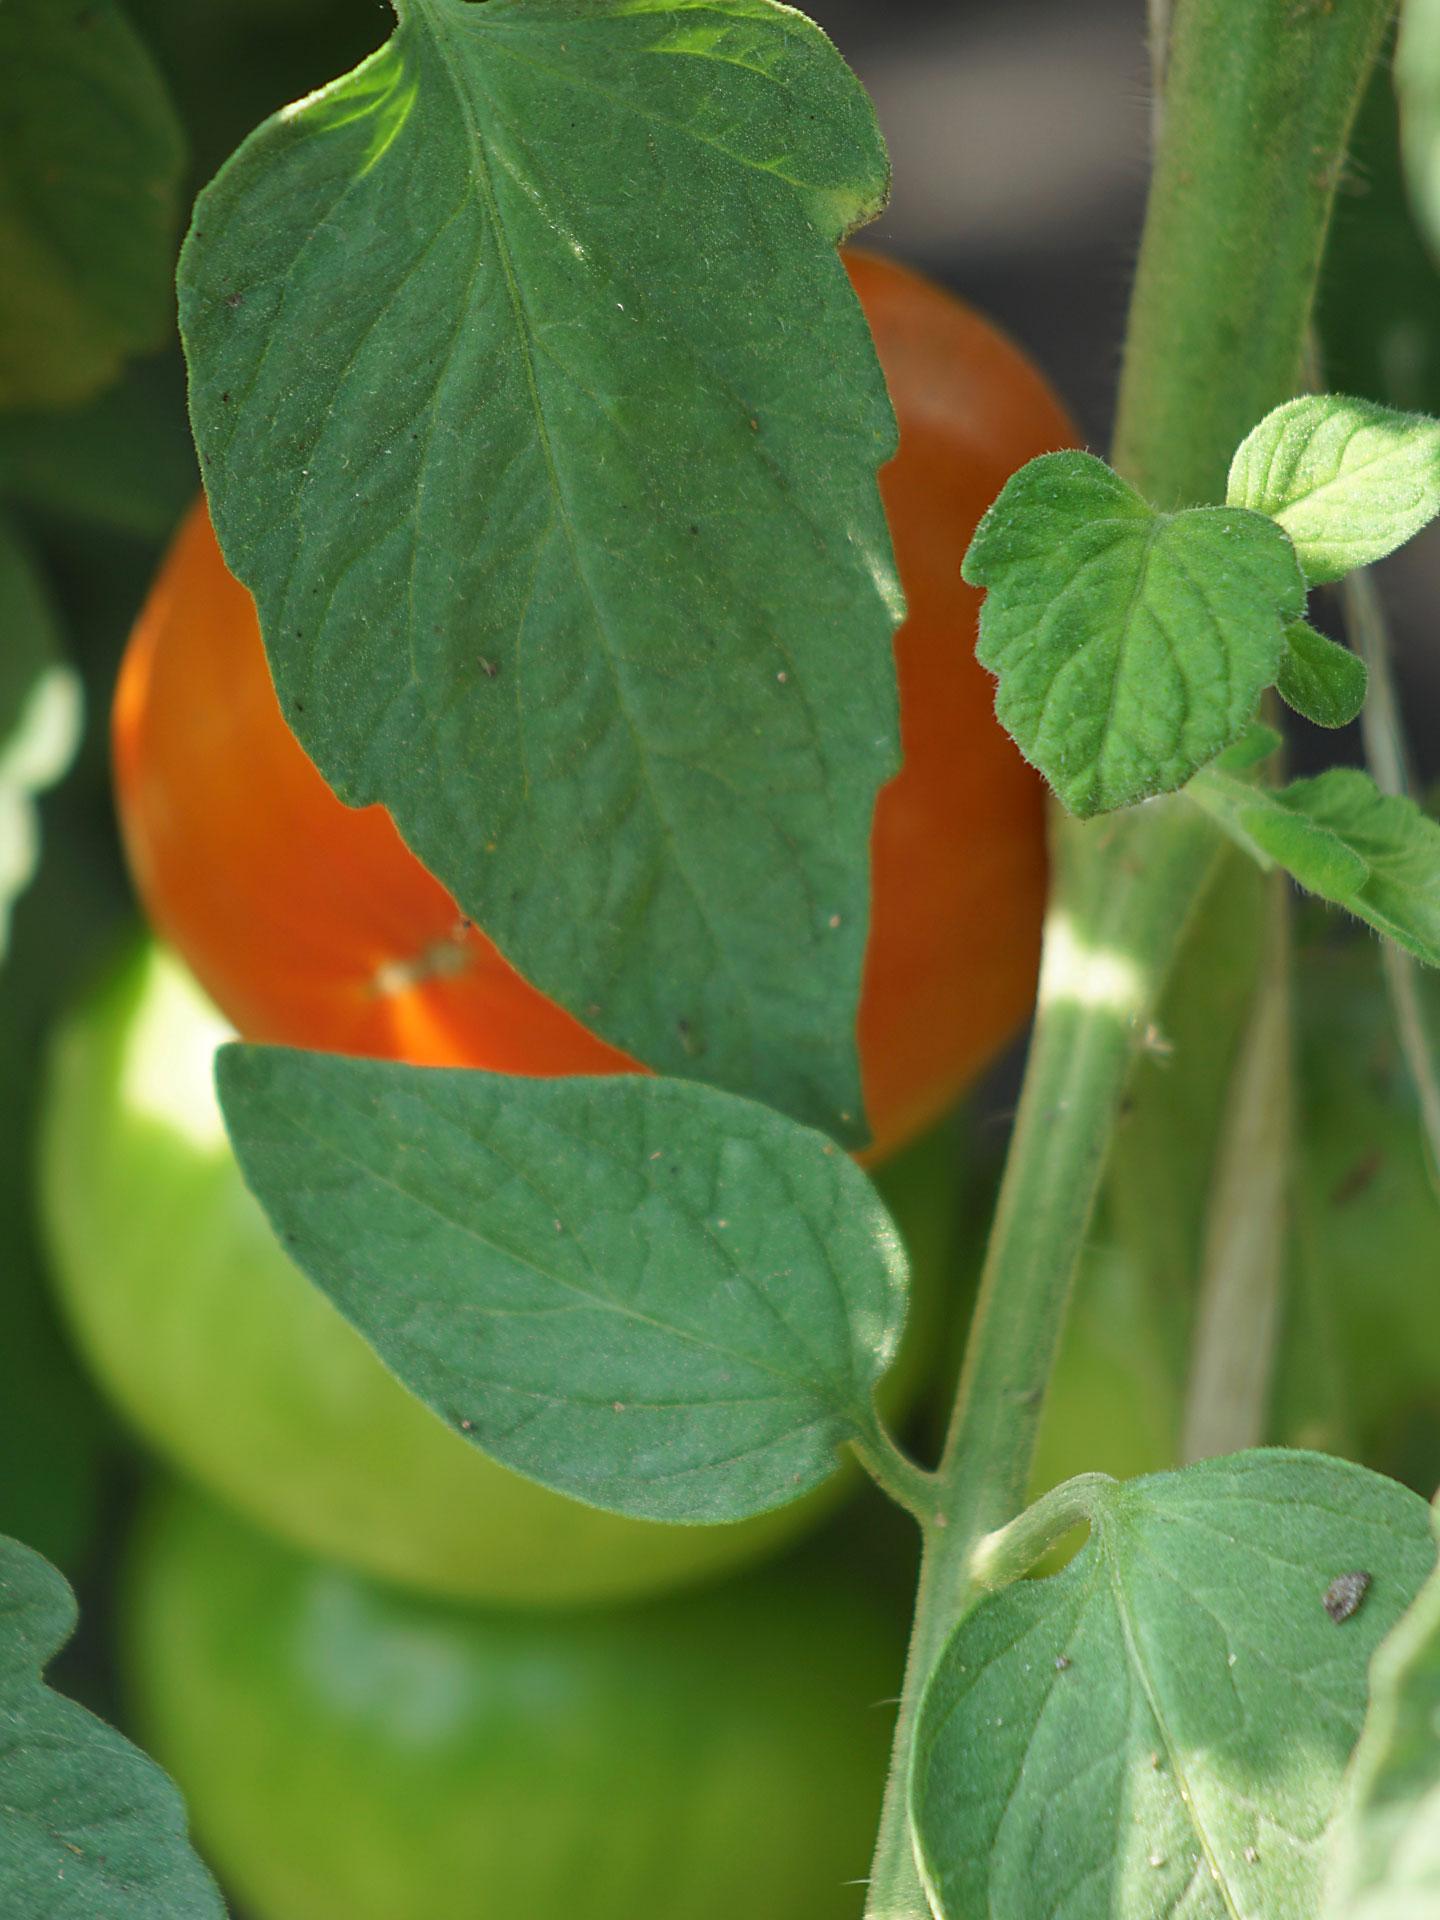 Die äusserste Tomate hat schon viel Sonne gesehen. Die Innen gelegenen Tomaten brauchen noch ziemlich viel Sonne. Könnte man nicht auch das Meditieren und Kontemplieren als ein in der Sonne sitzen verstehen, zwecks Reifung?